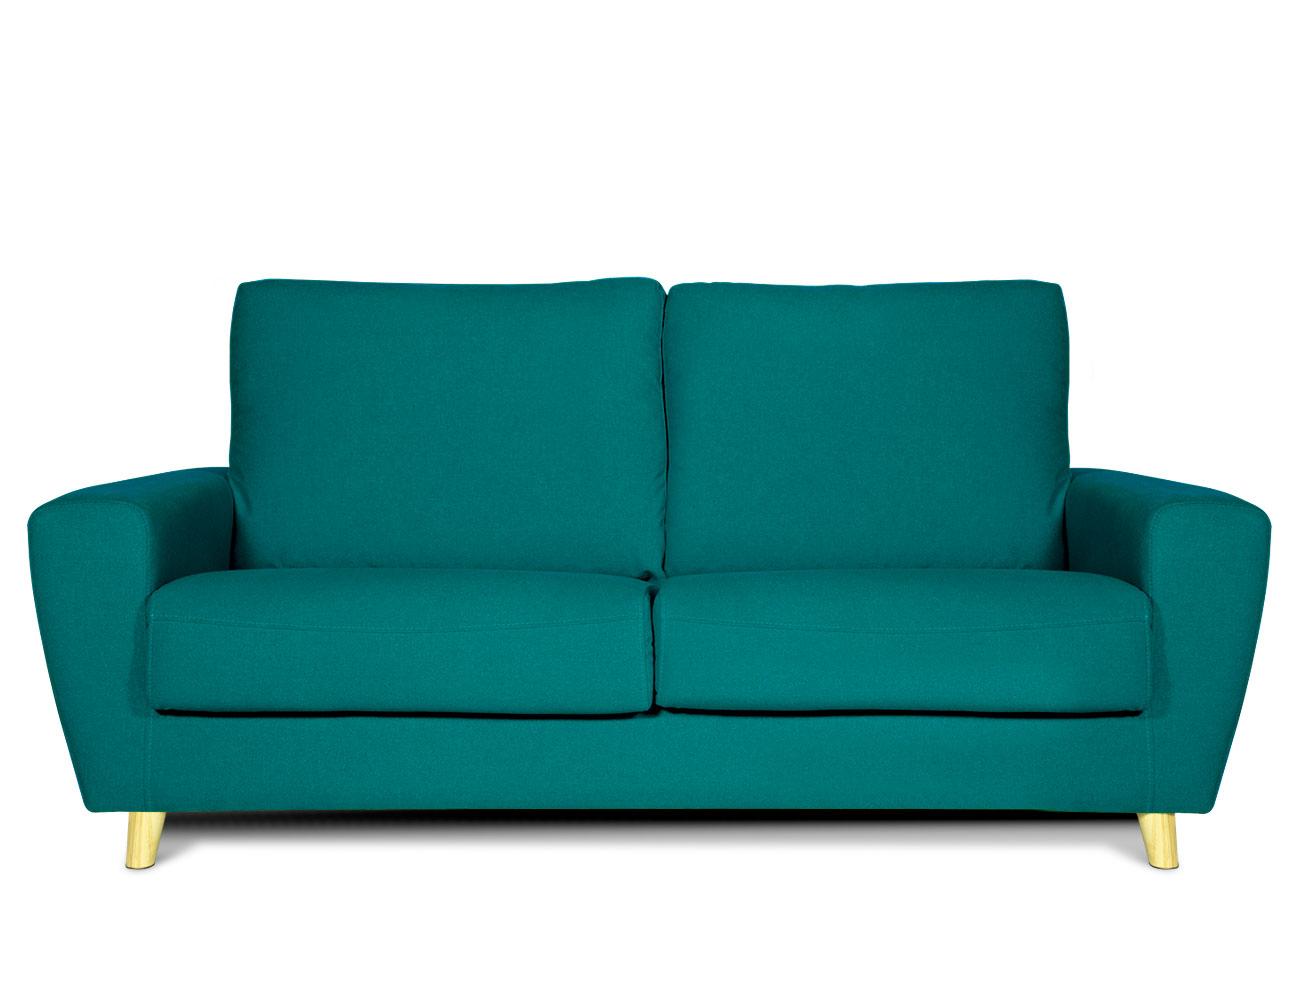 Sofa 3 plazas moderno verde